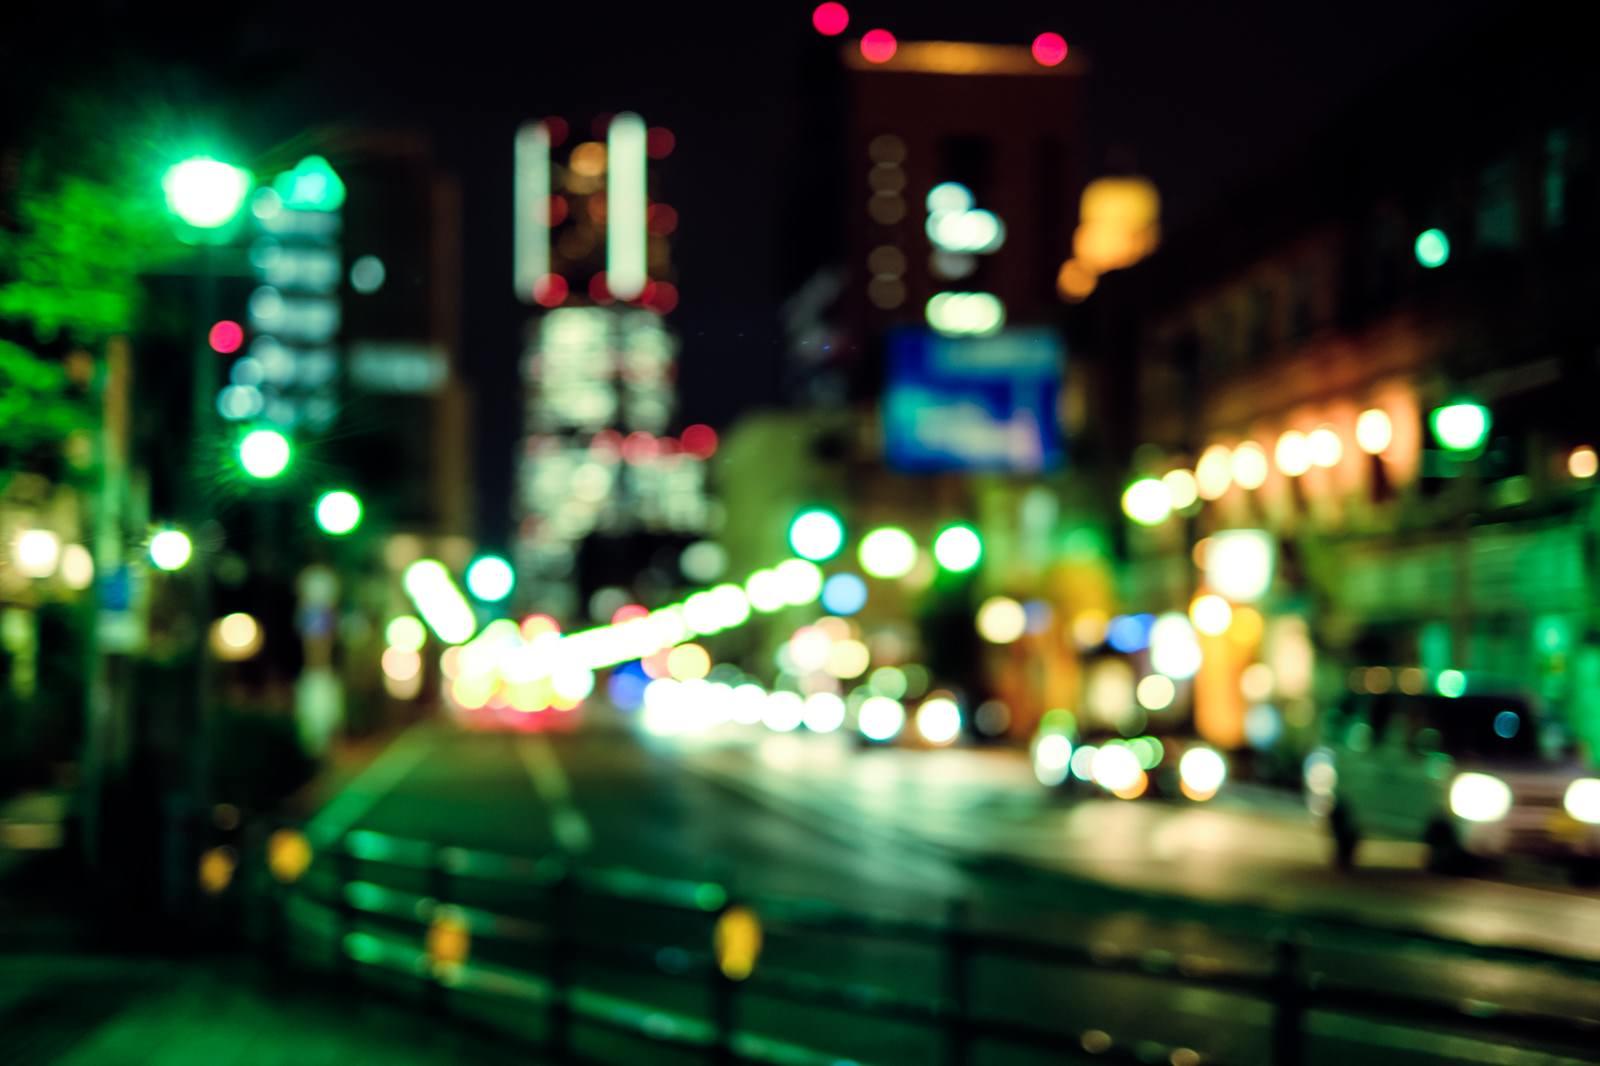 「夜道、明るい大通り夜道、明るい大通り」のフリー写真素材を拡大